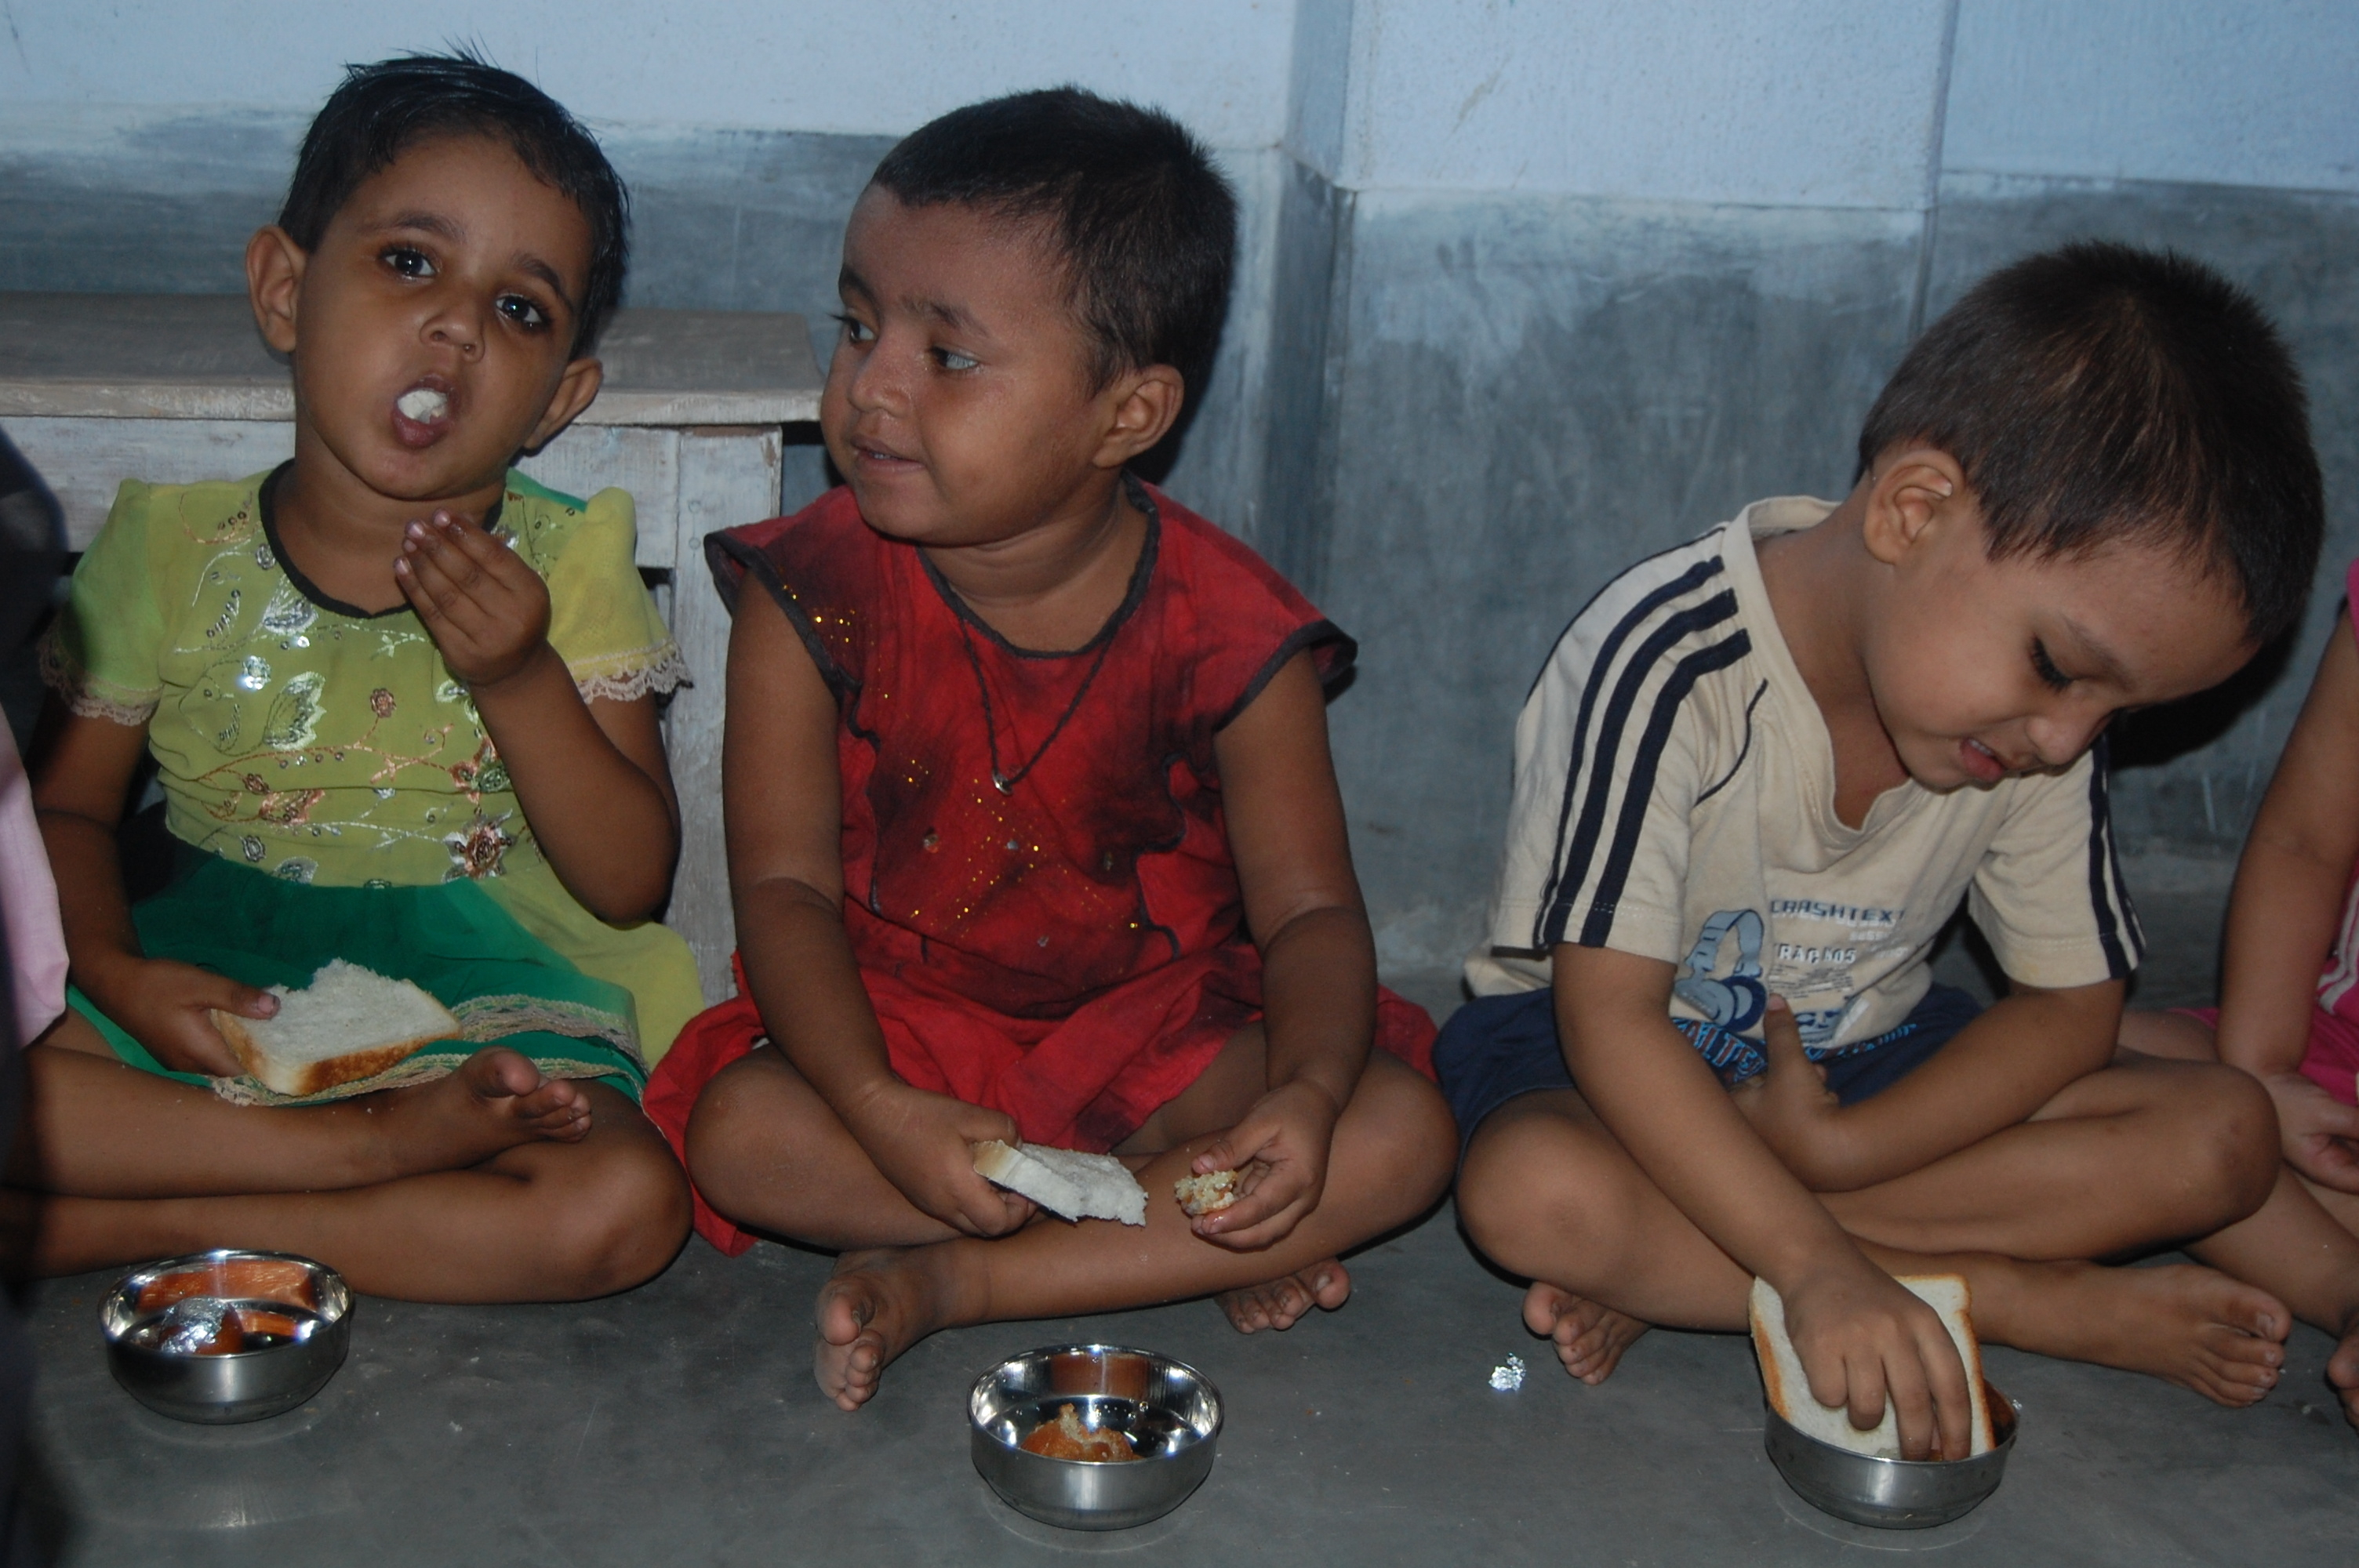 kids poor Help to get breakfast for 500 Poor Kids at school. ›